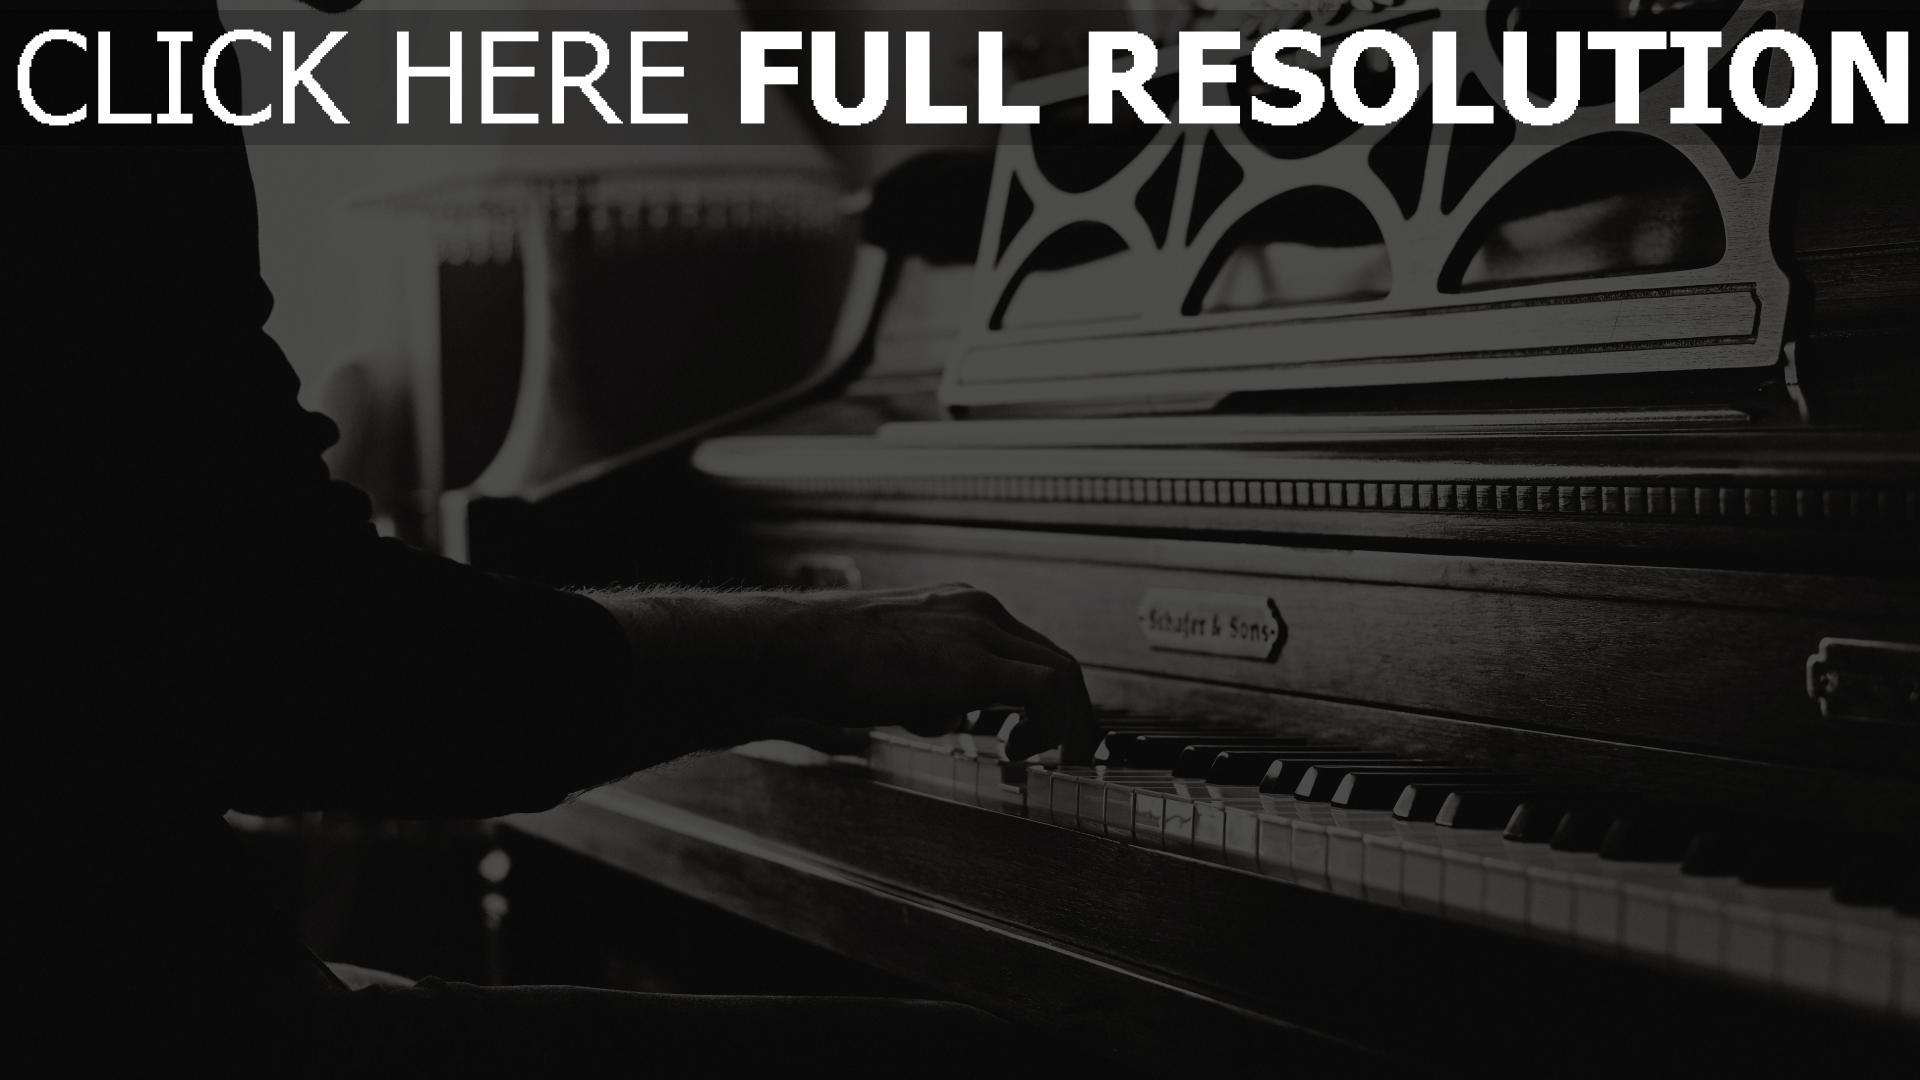 Schön HD Hintergrundbilder hände vintage klavier schwarz-weiß musik  CT48